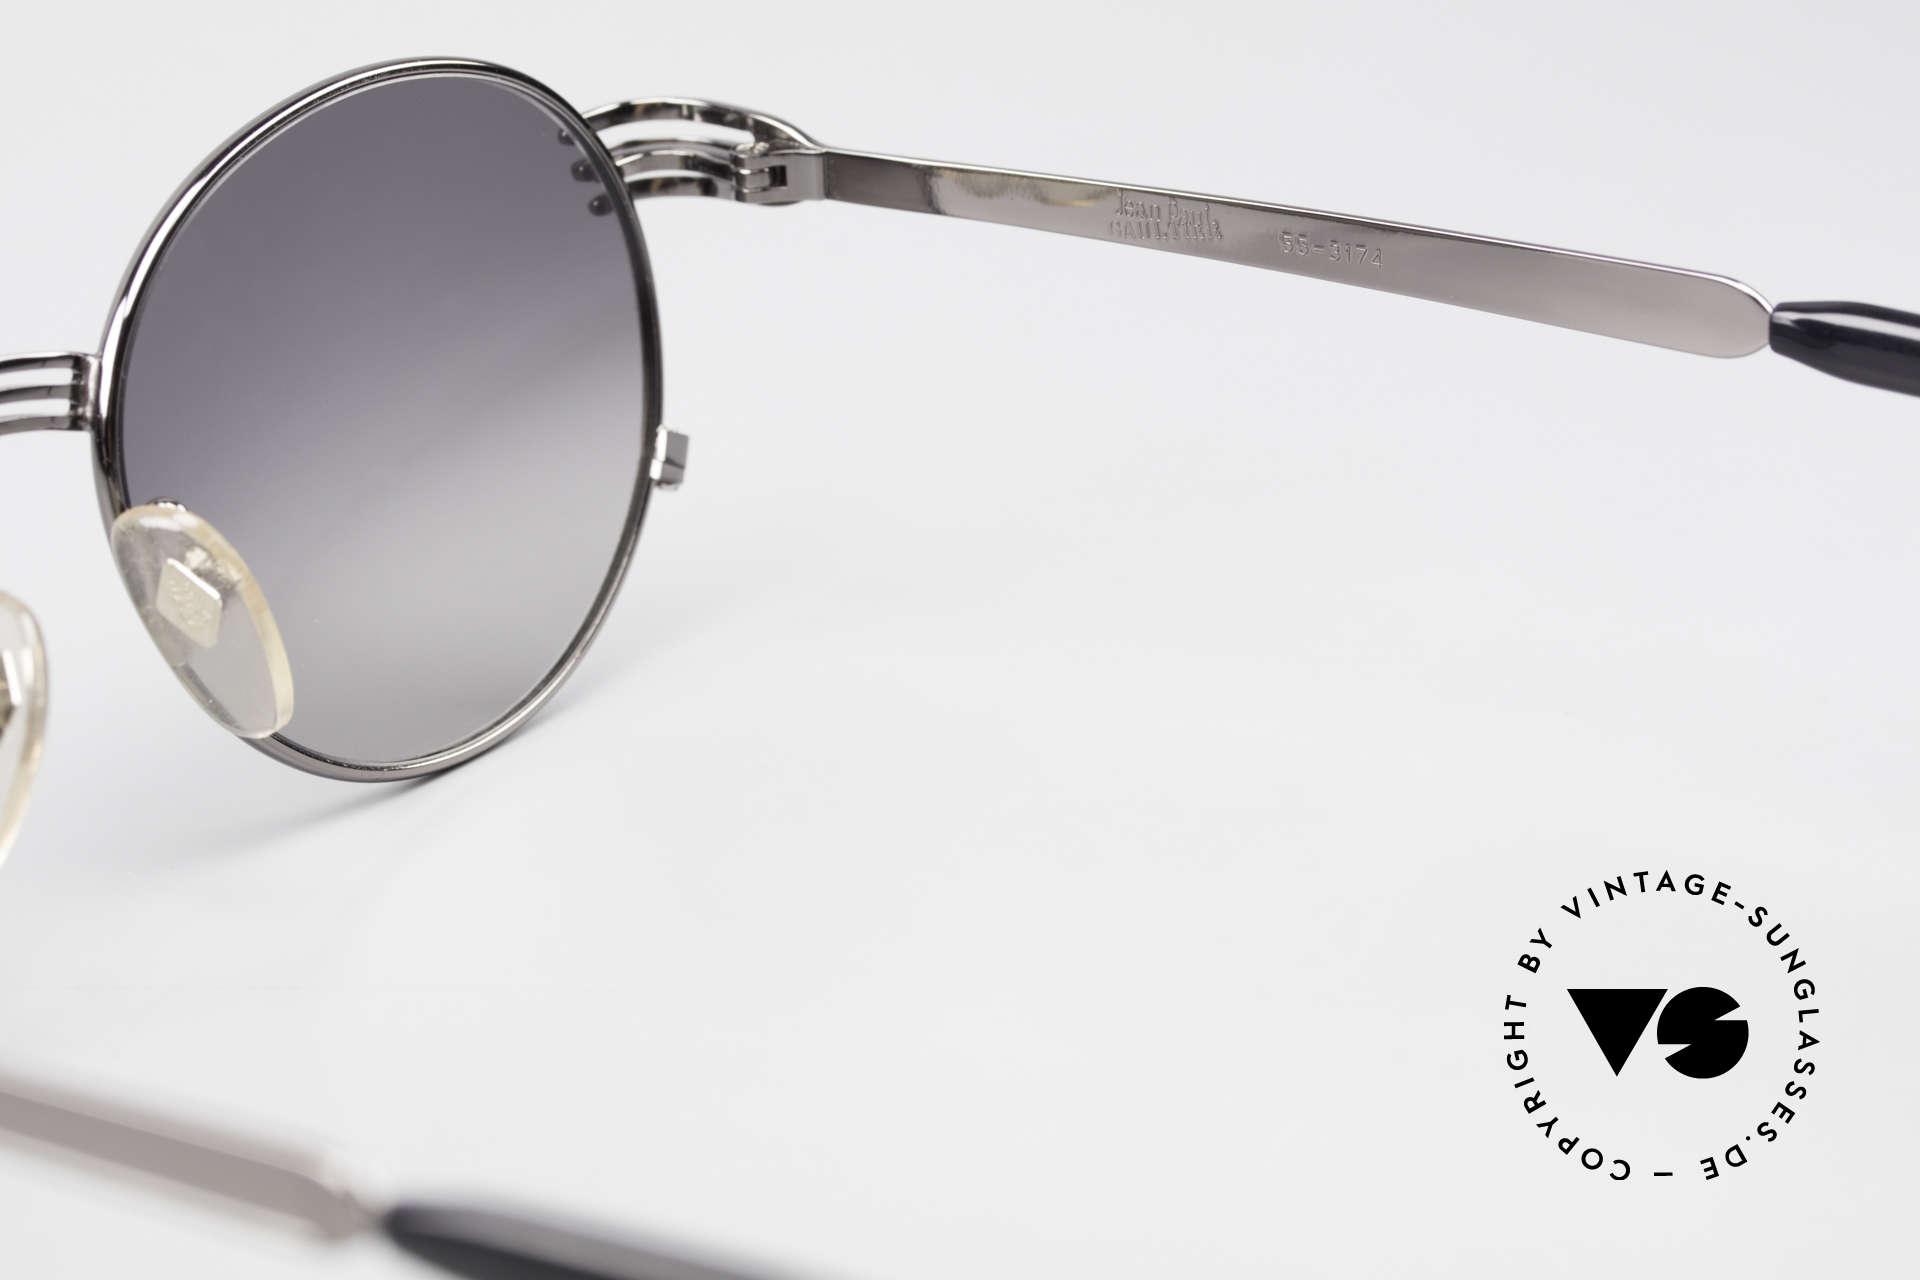 Jean Paul Gaultier 55-3174 Designer Vintage 90's Glasses, NO RETRO sunglasses, but a precious original from 1994, Made for Men and Women